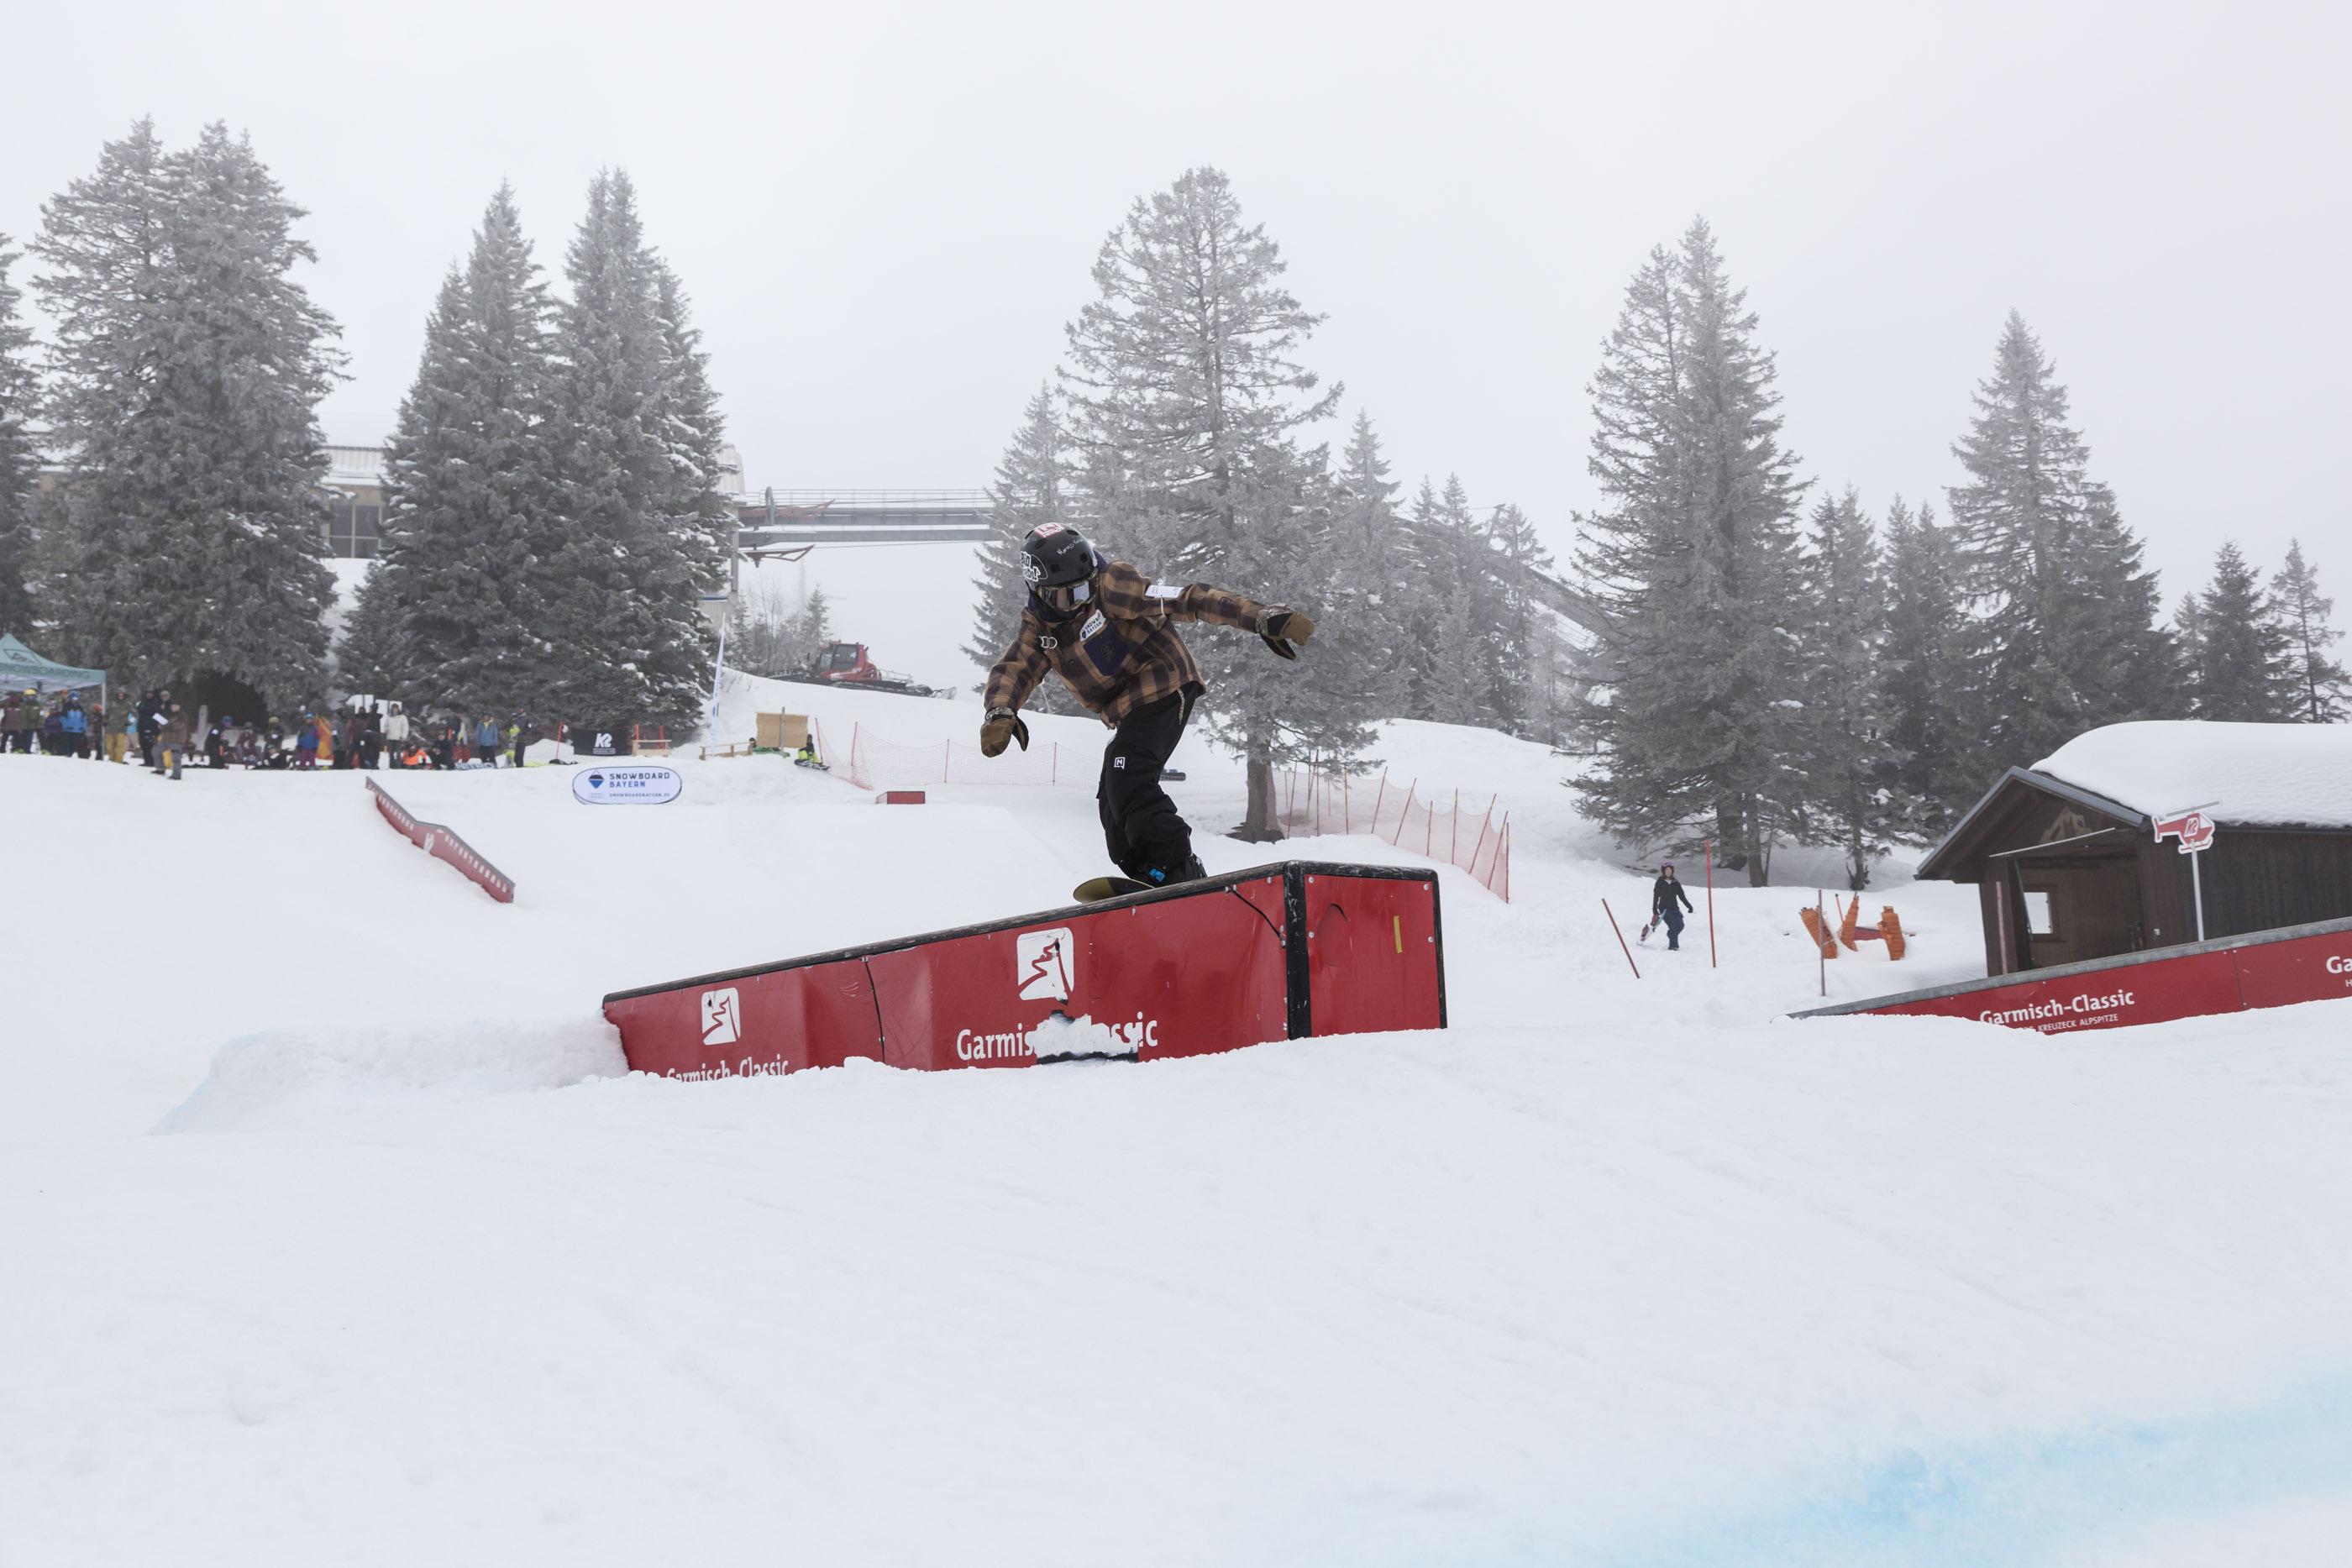 Prime-Snowboarding-Magazine-Bayerische-Meisterschaft-17